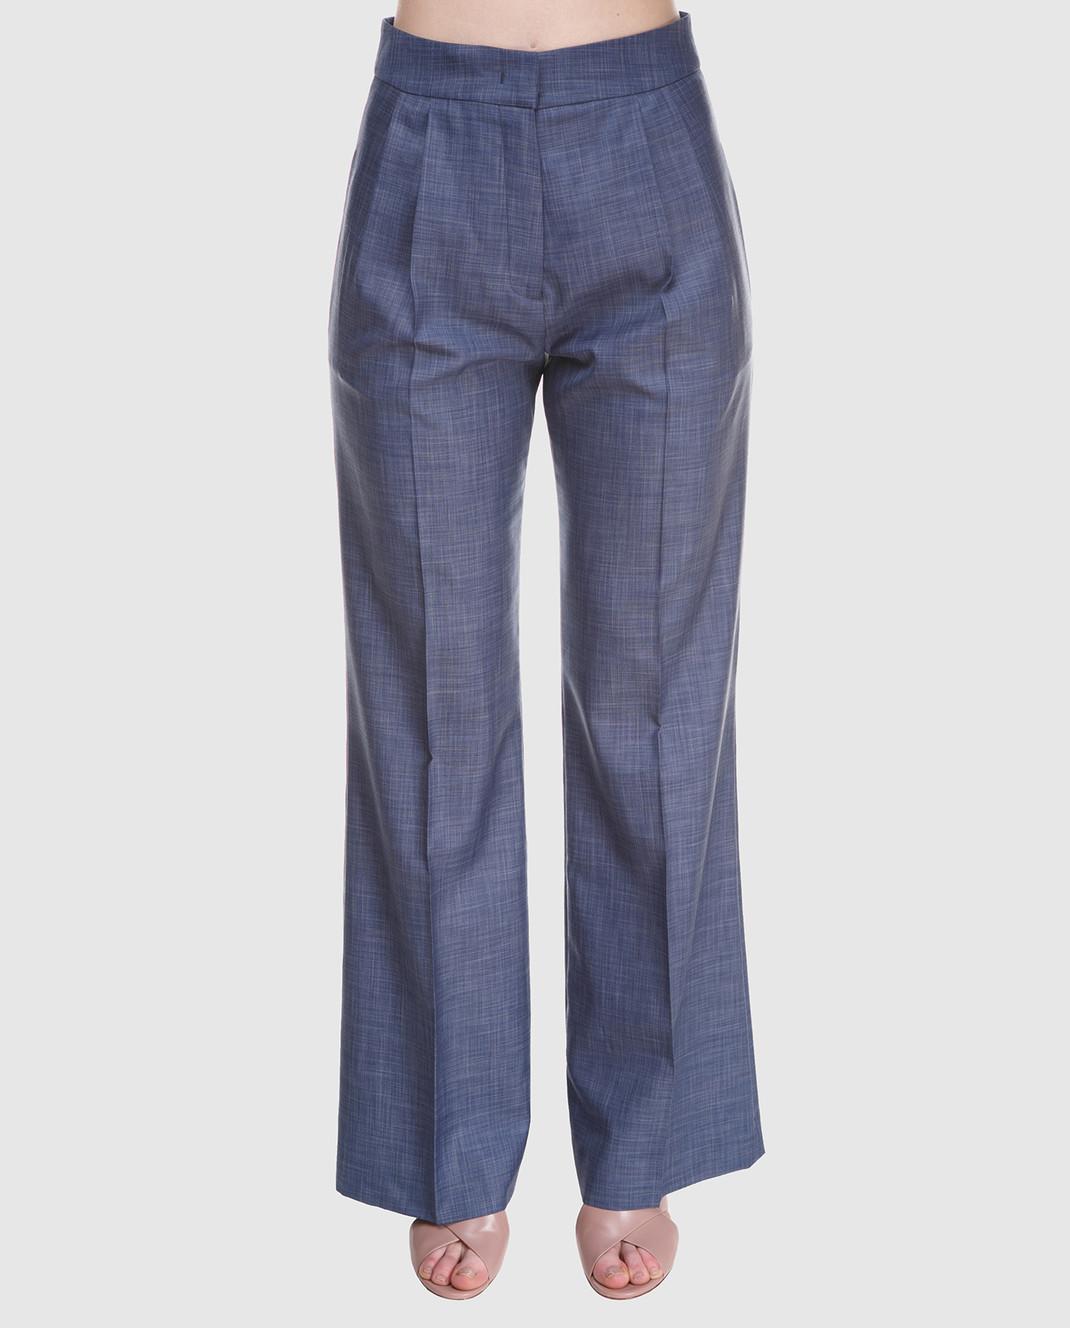 COLOMBO Синие брюки изображение 3